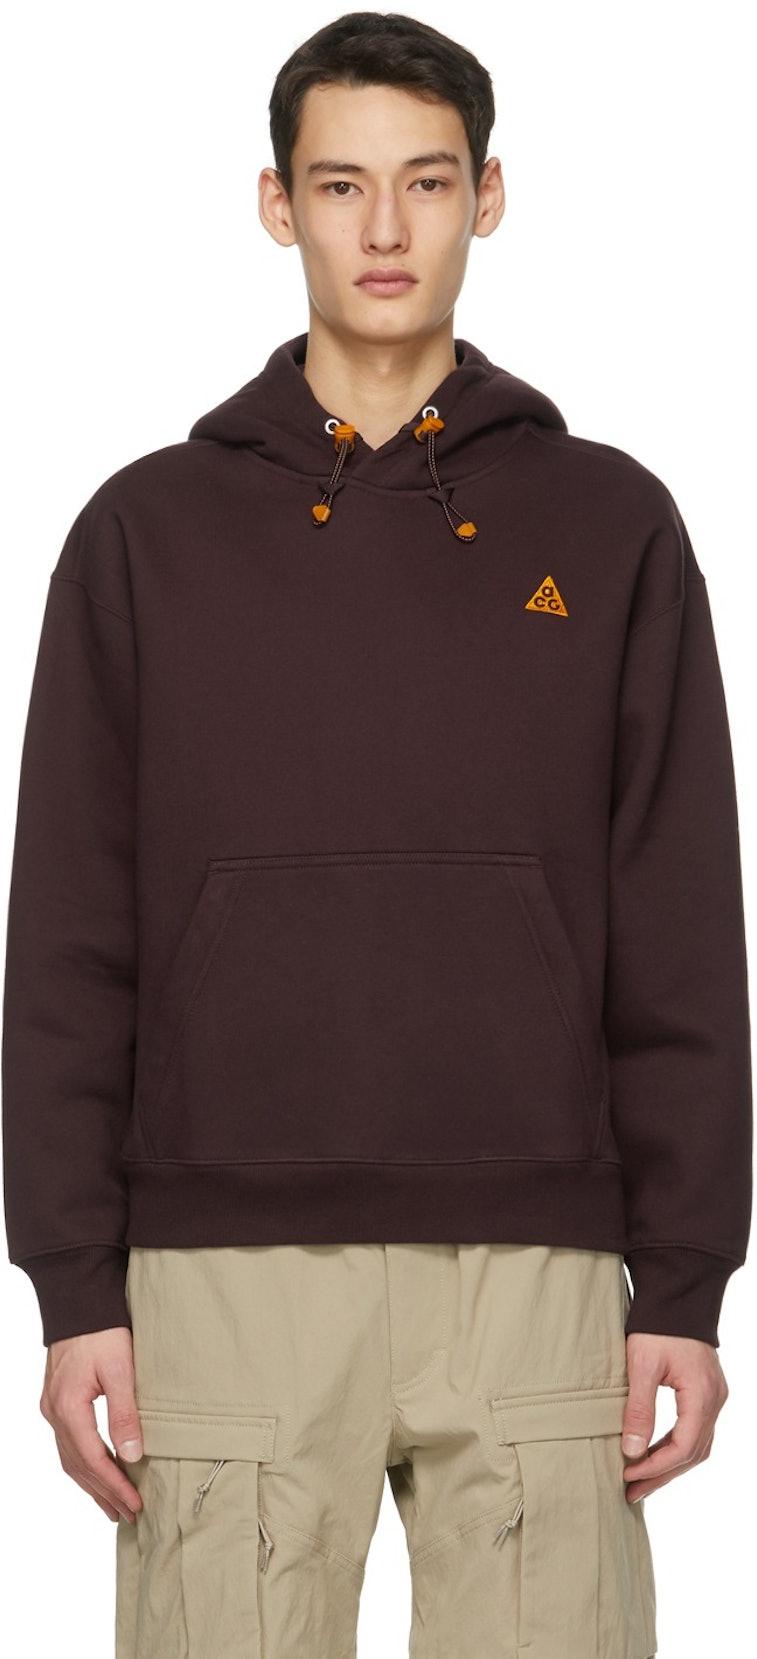 Nike ACG Fleece Pullover Hoodie Burgundy